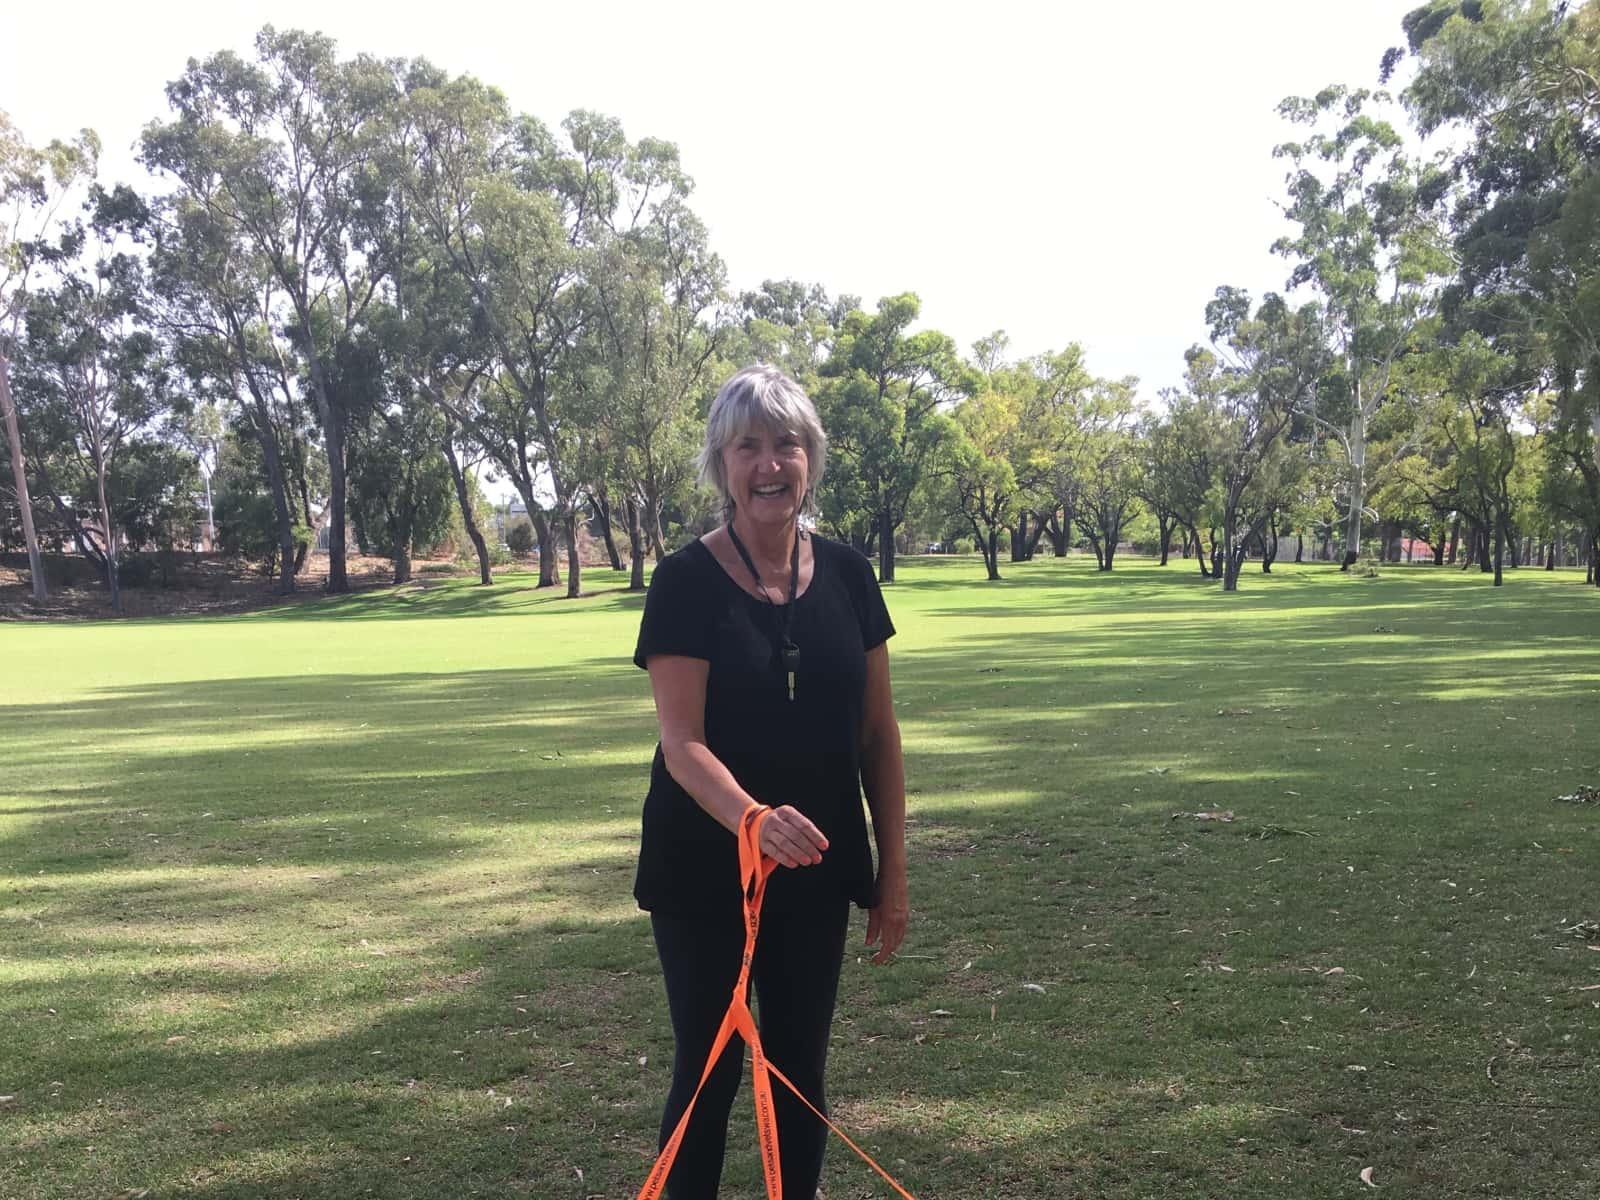 Jill from Perth, Western Australia, Australia